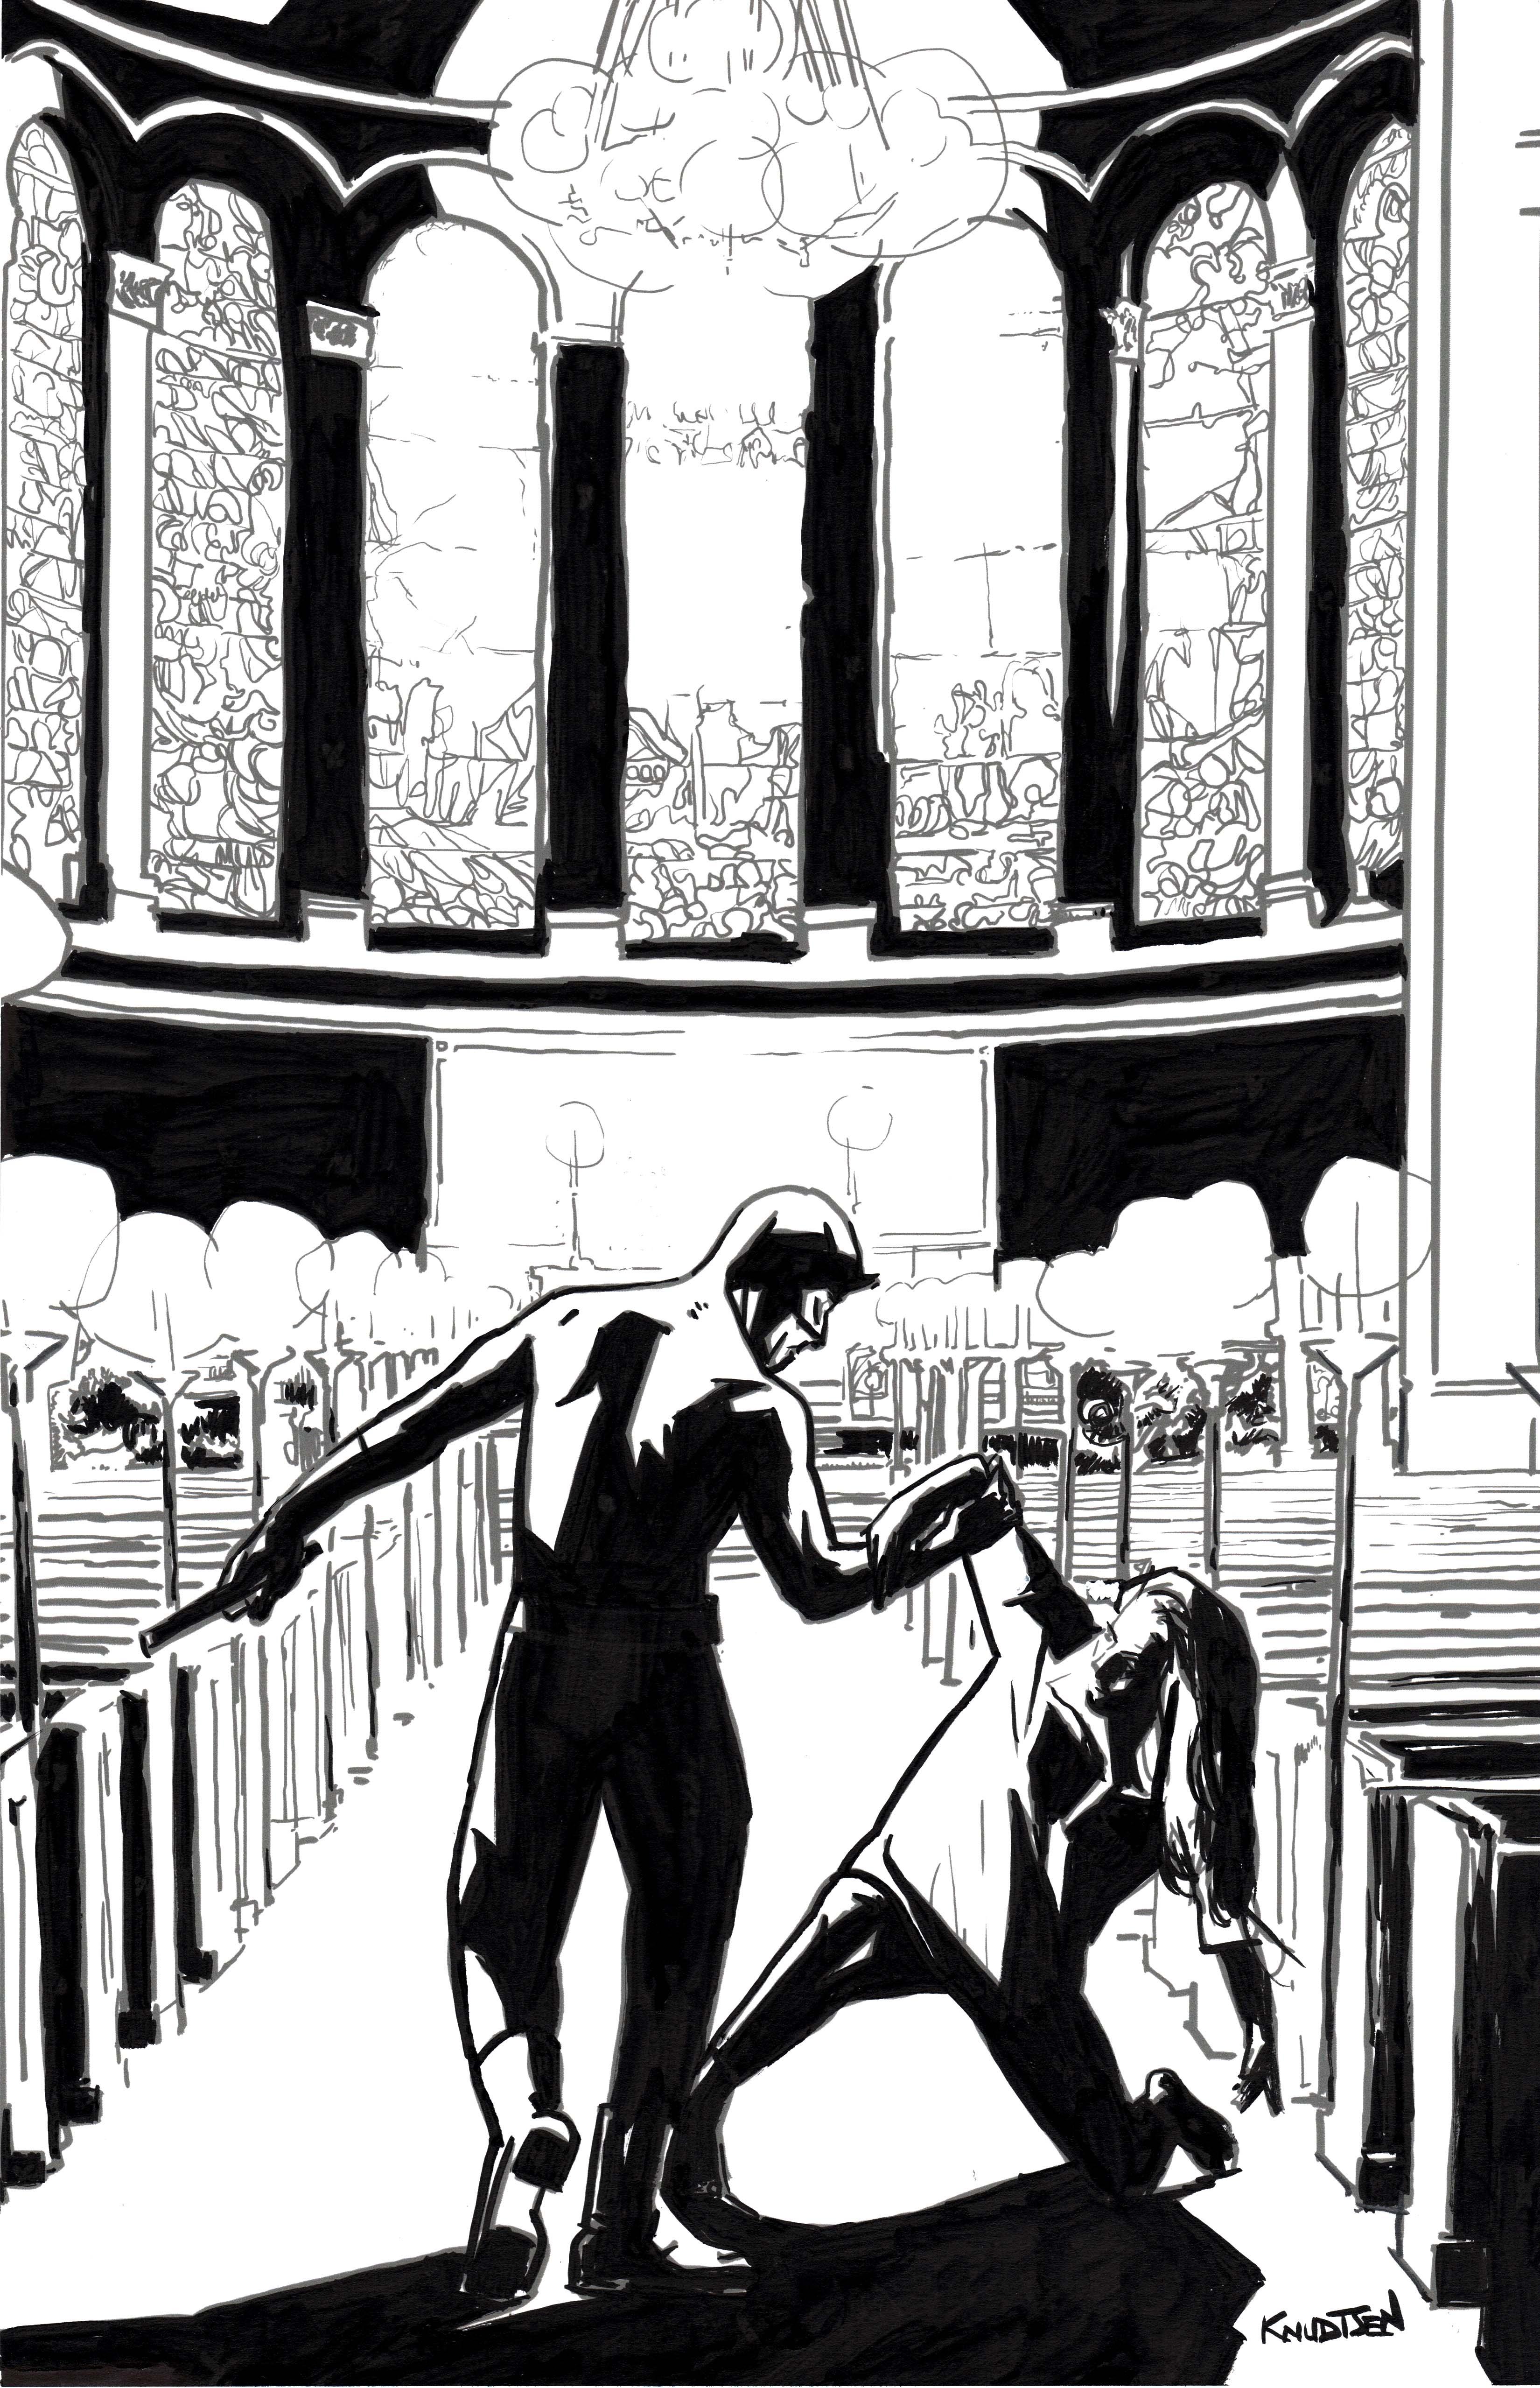 Daredevil (Born Again)